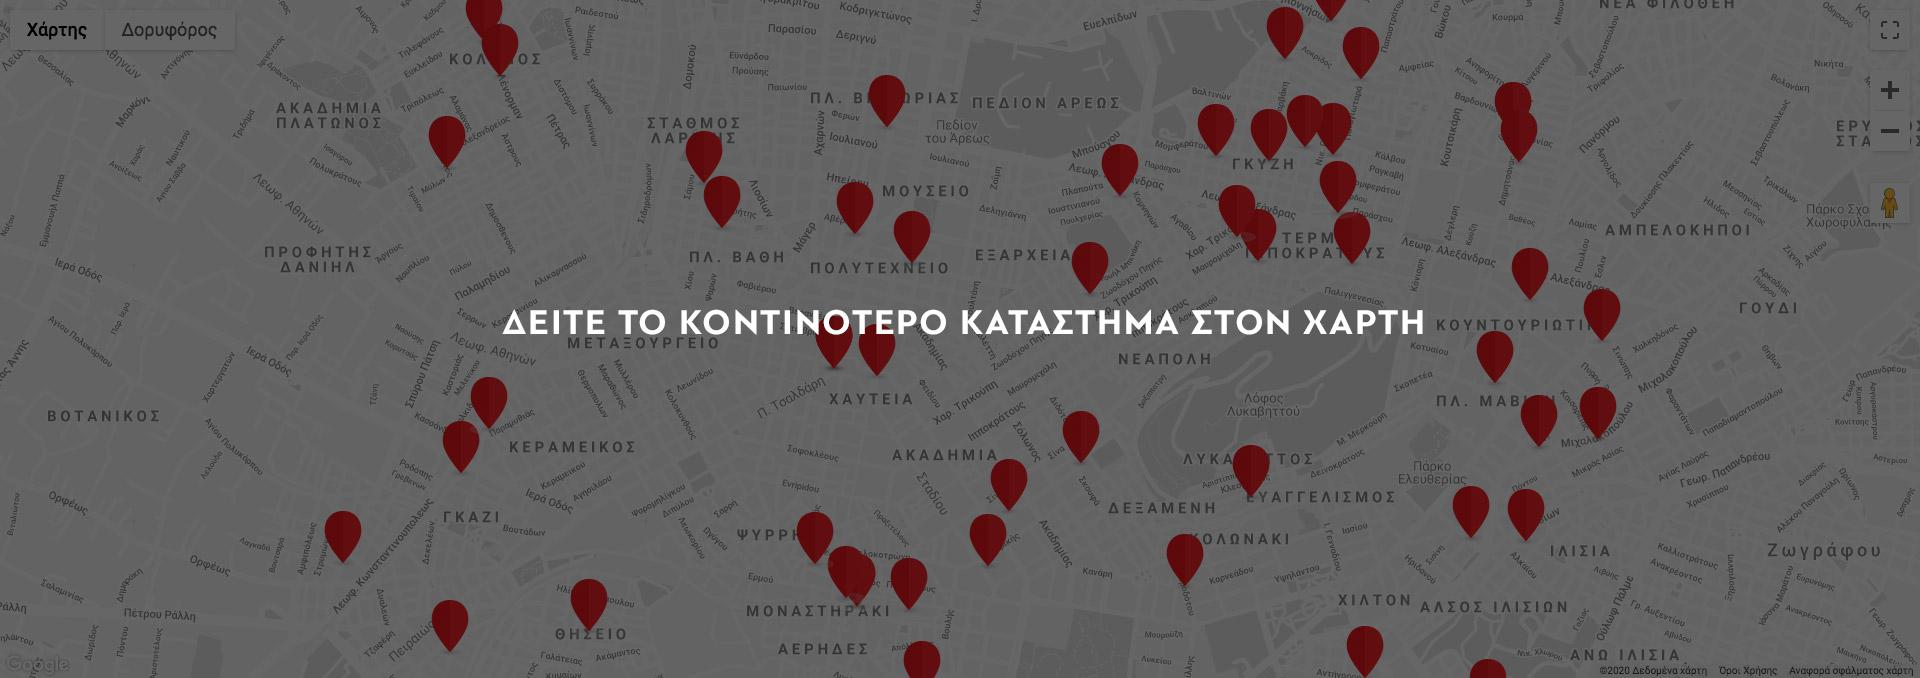 Δείτε το χάρτη των καταστημάτων μας